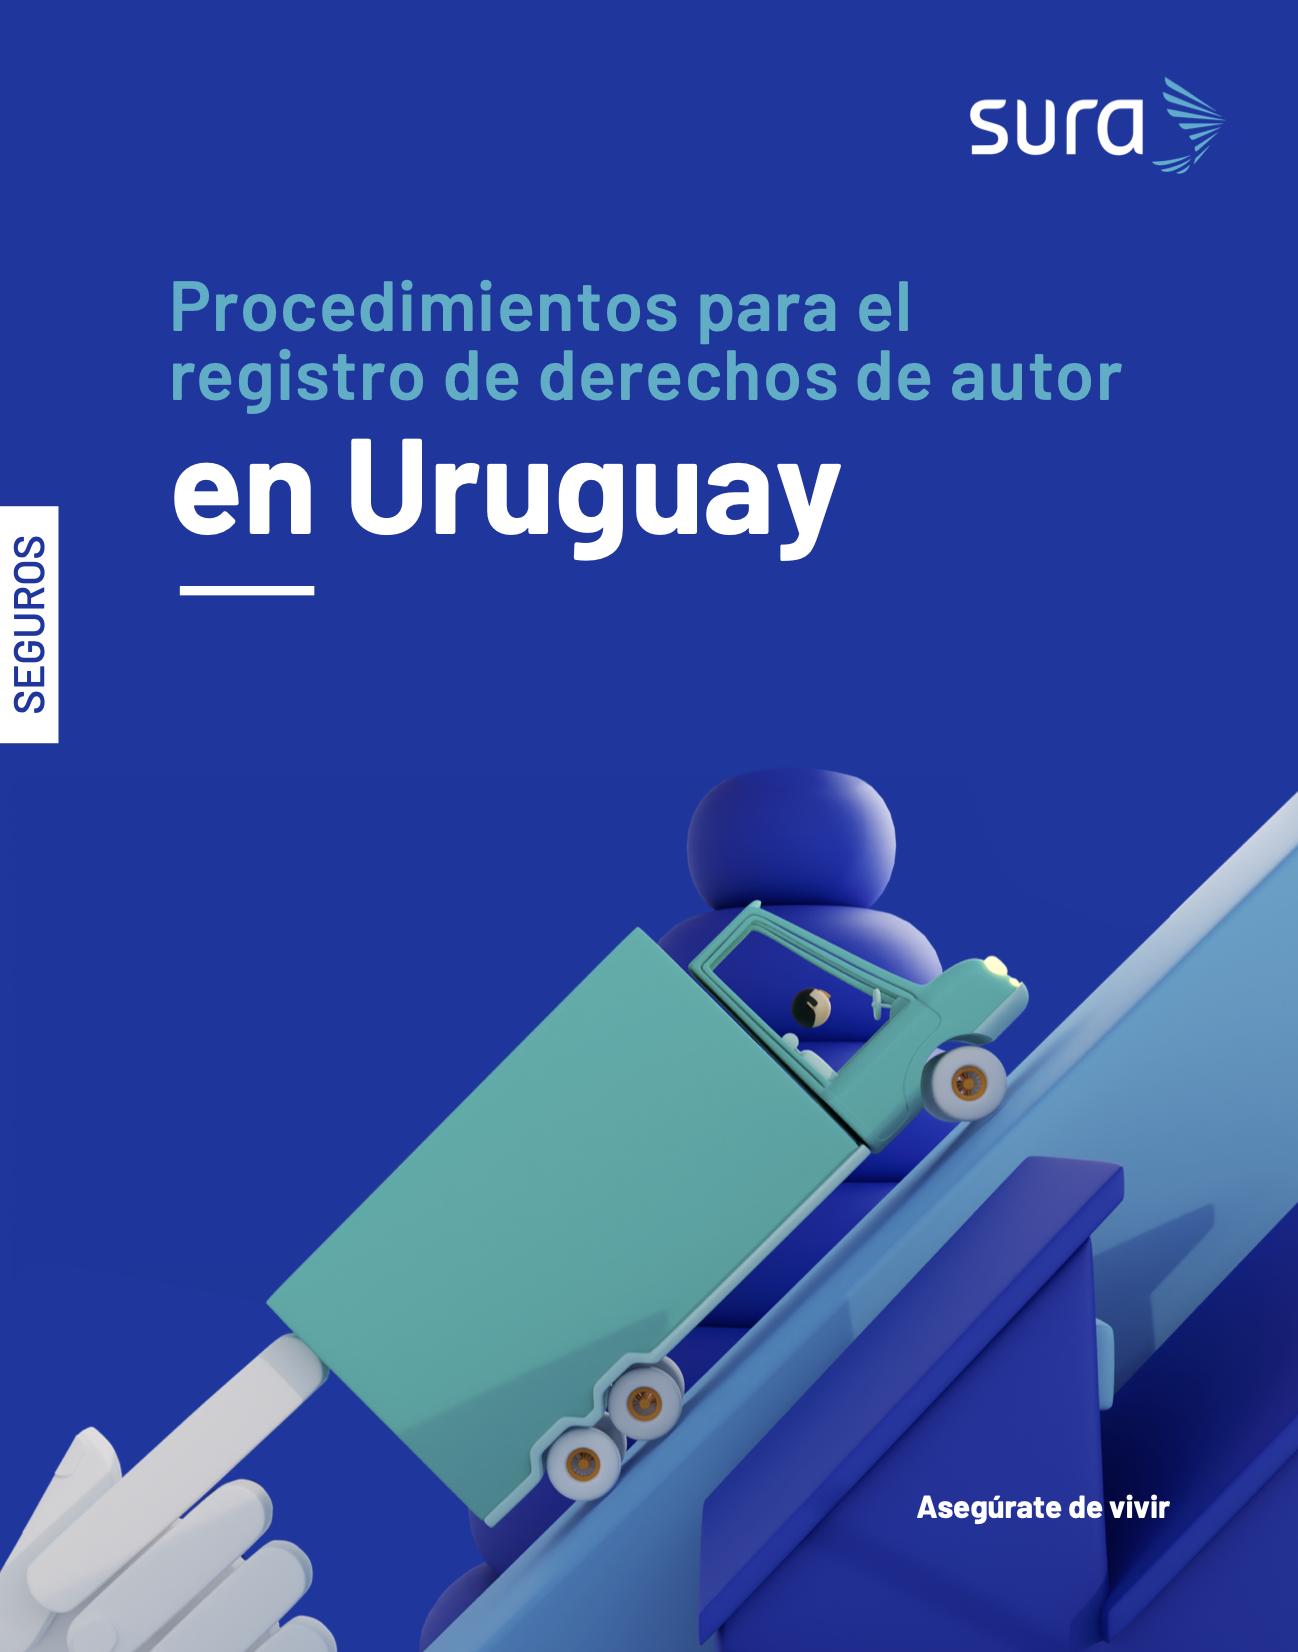 Derechos de autor - Uruguay